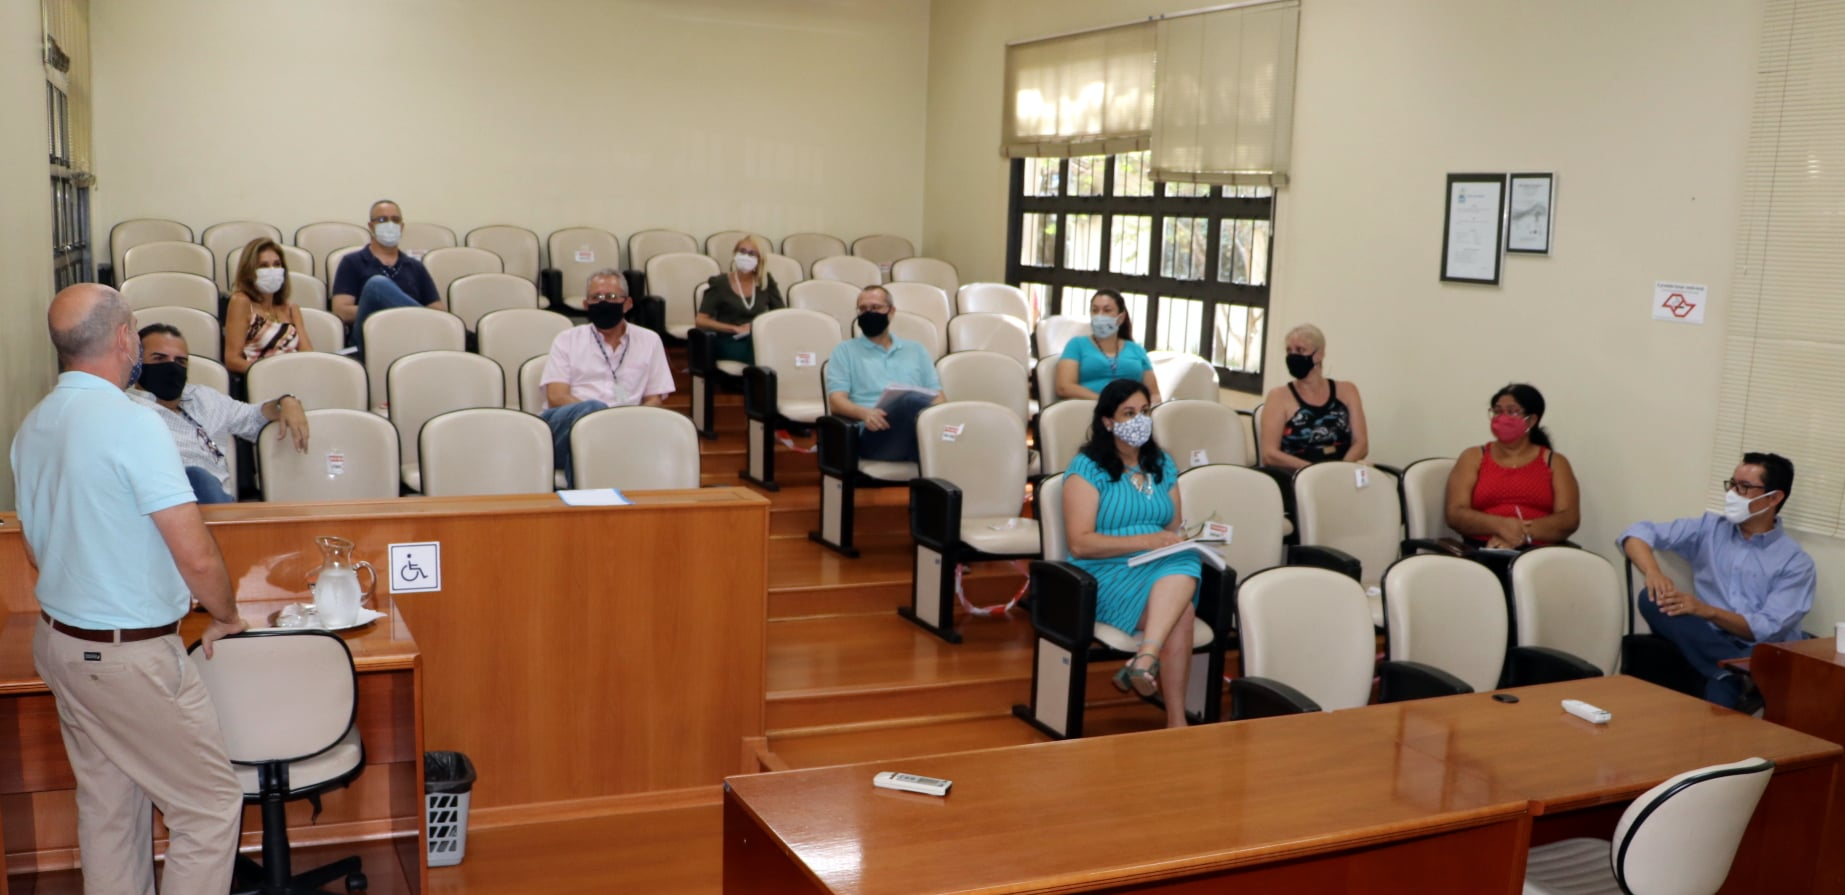 Comitê de Qualidade apresenta resultado de auditoria para diretoria